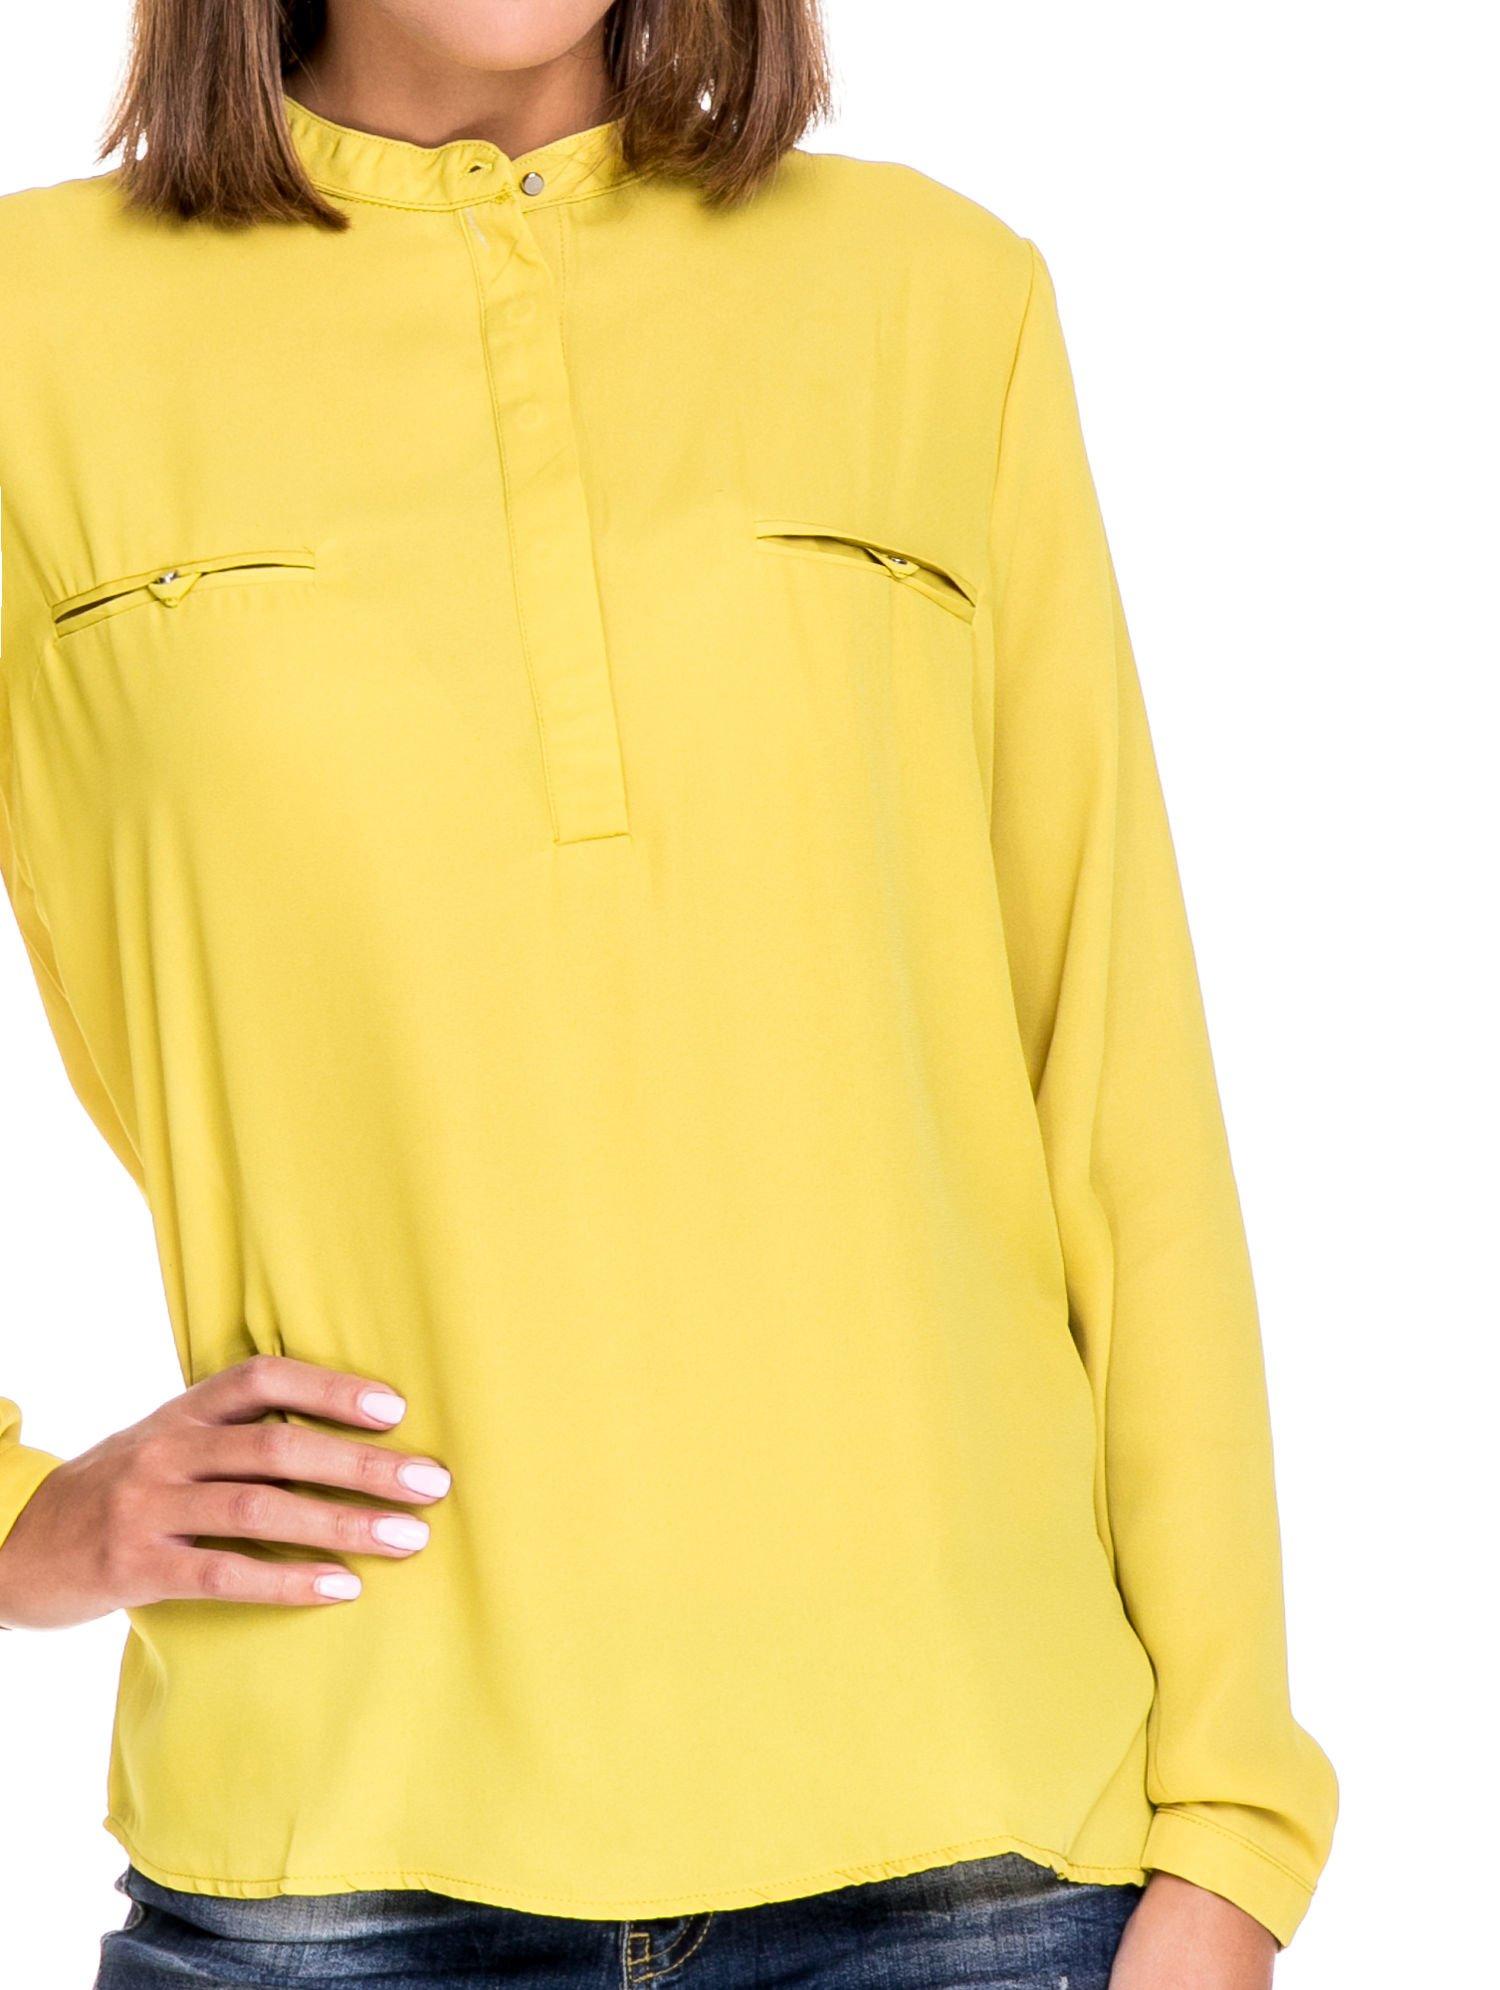 Zielona koszula ze stójką i kieszonkami na guziczki                                  zdj.                                  5